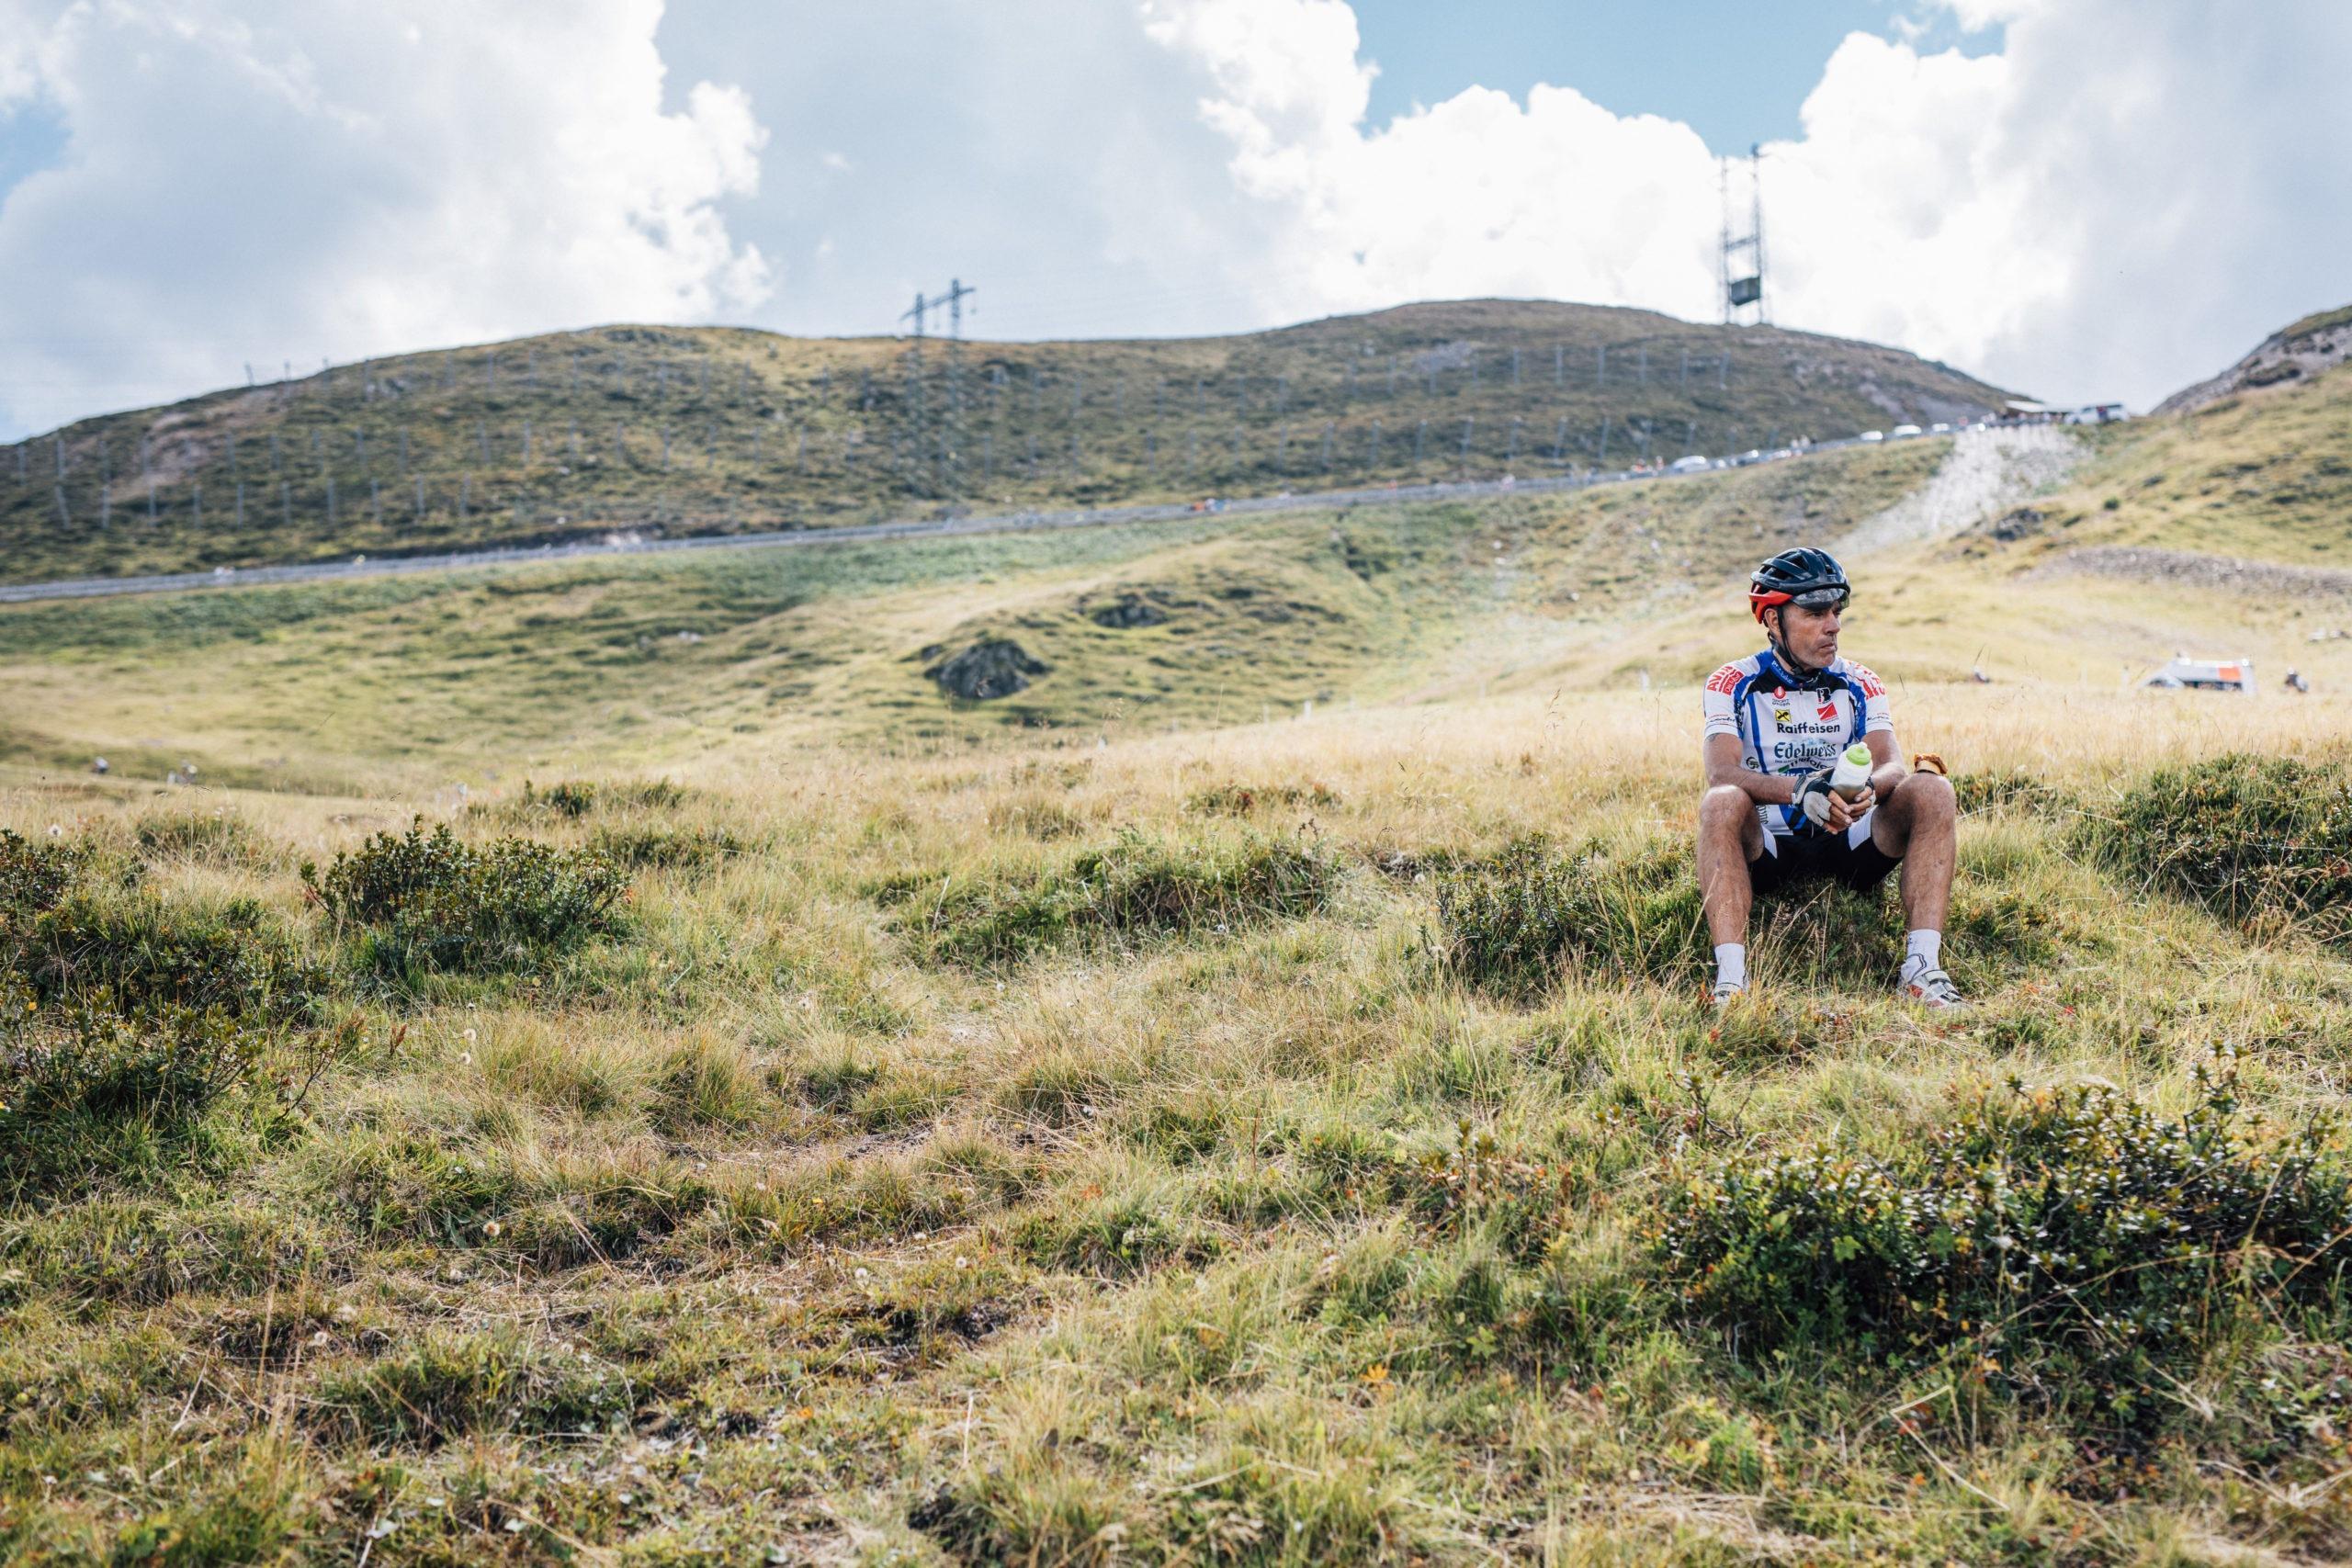 Aus der Traum vom Ötztaler Radmarathon 2020